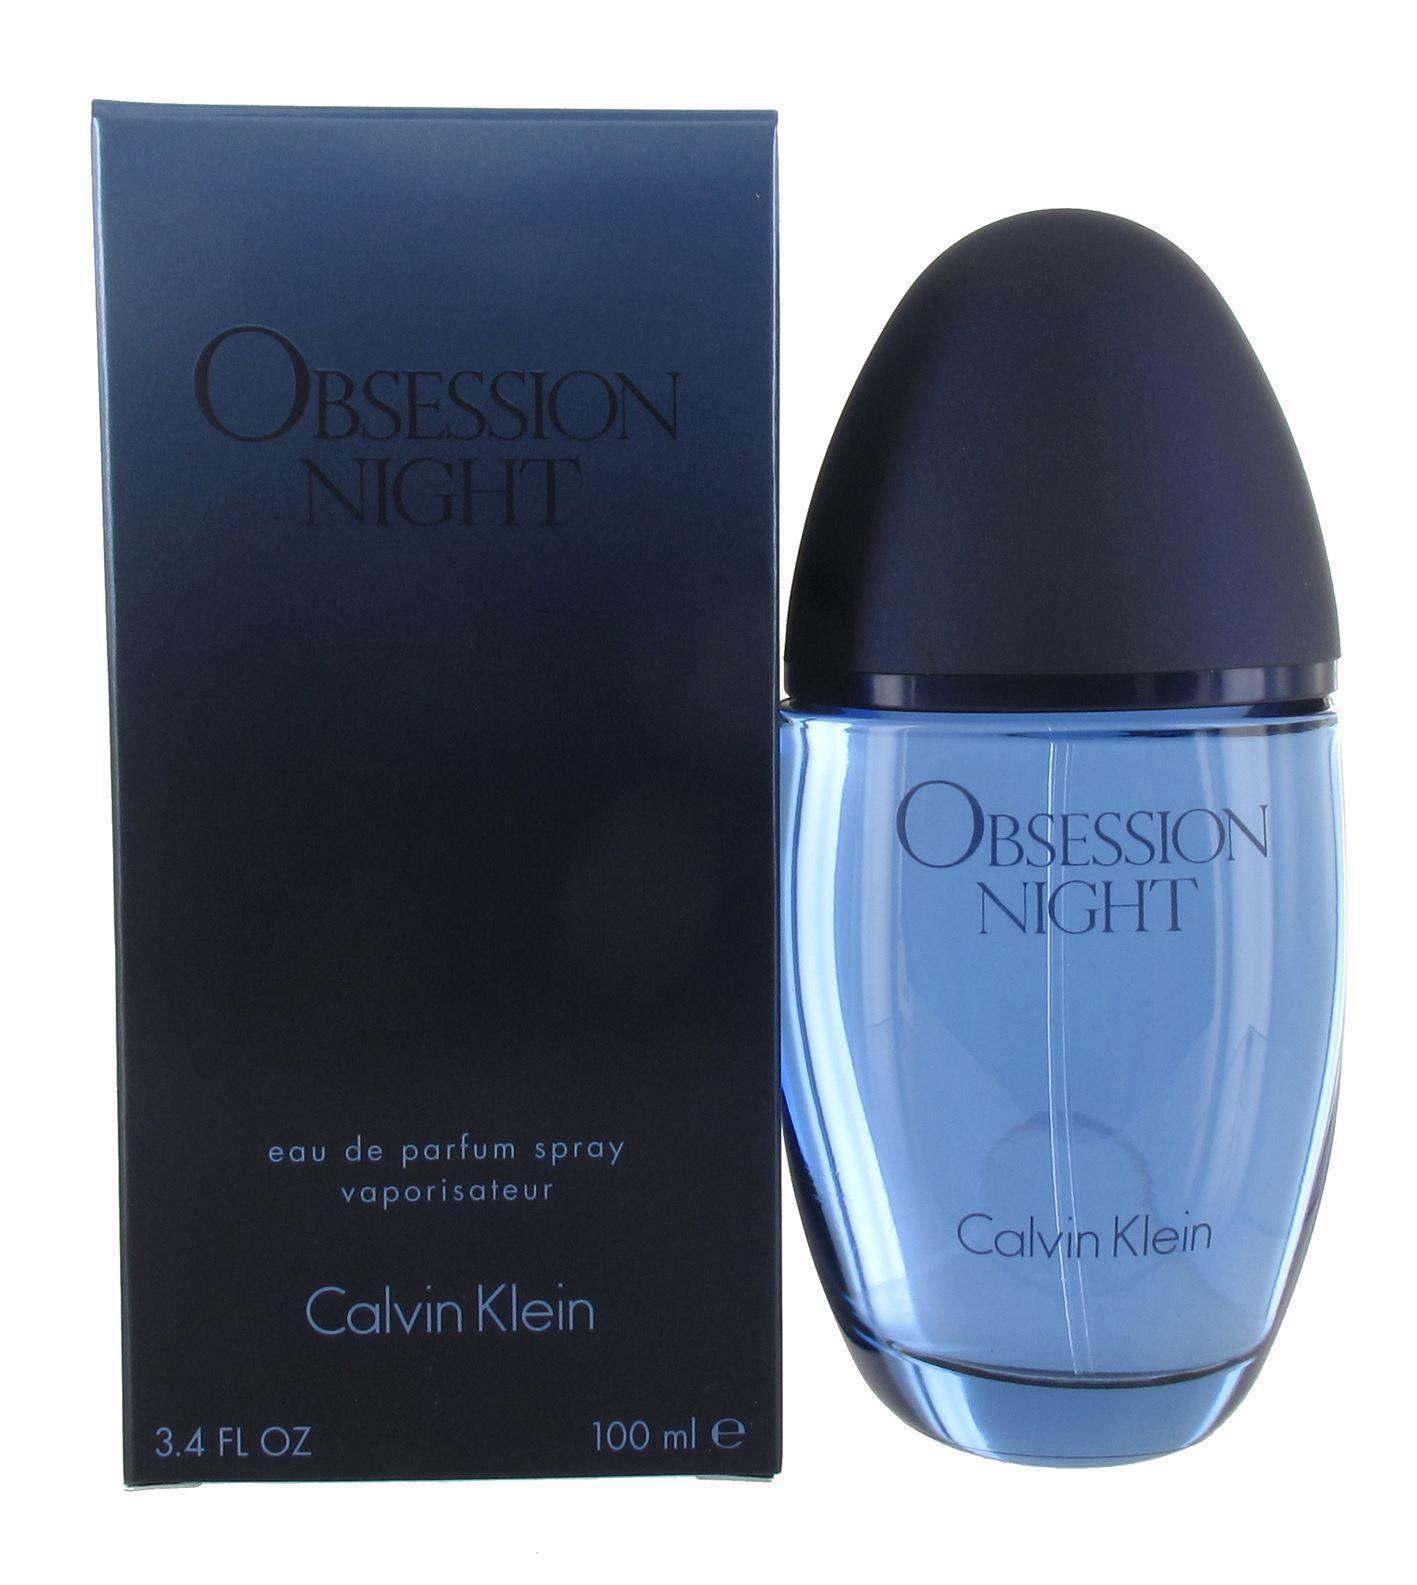 Calvin Klein Obsession Night 100ml Eau de Parfum Spray